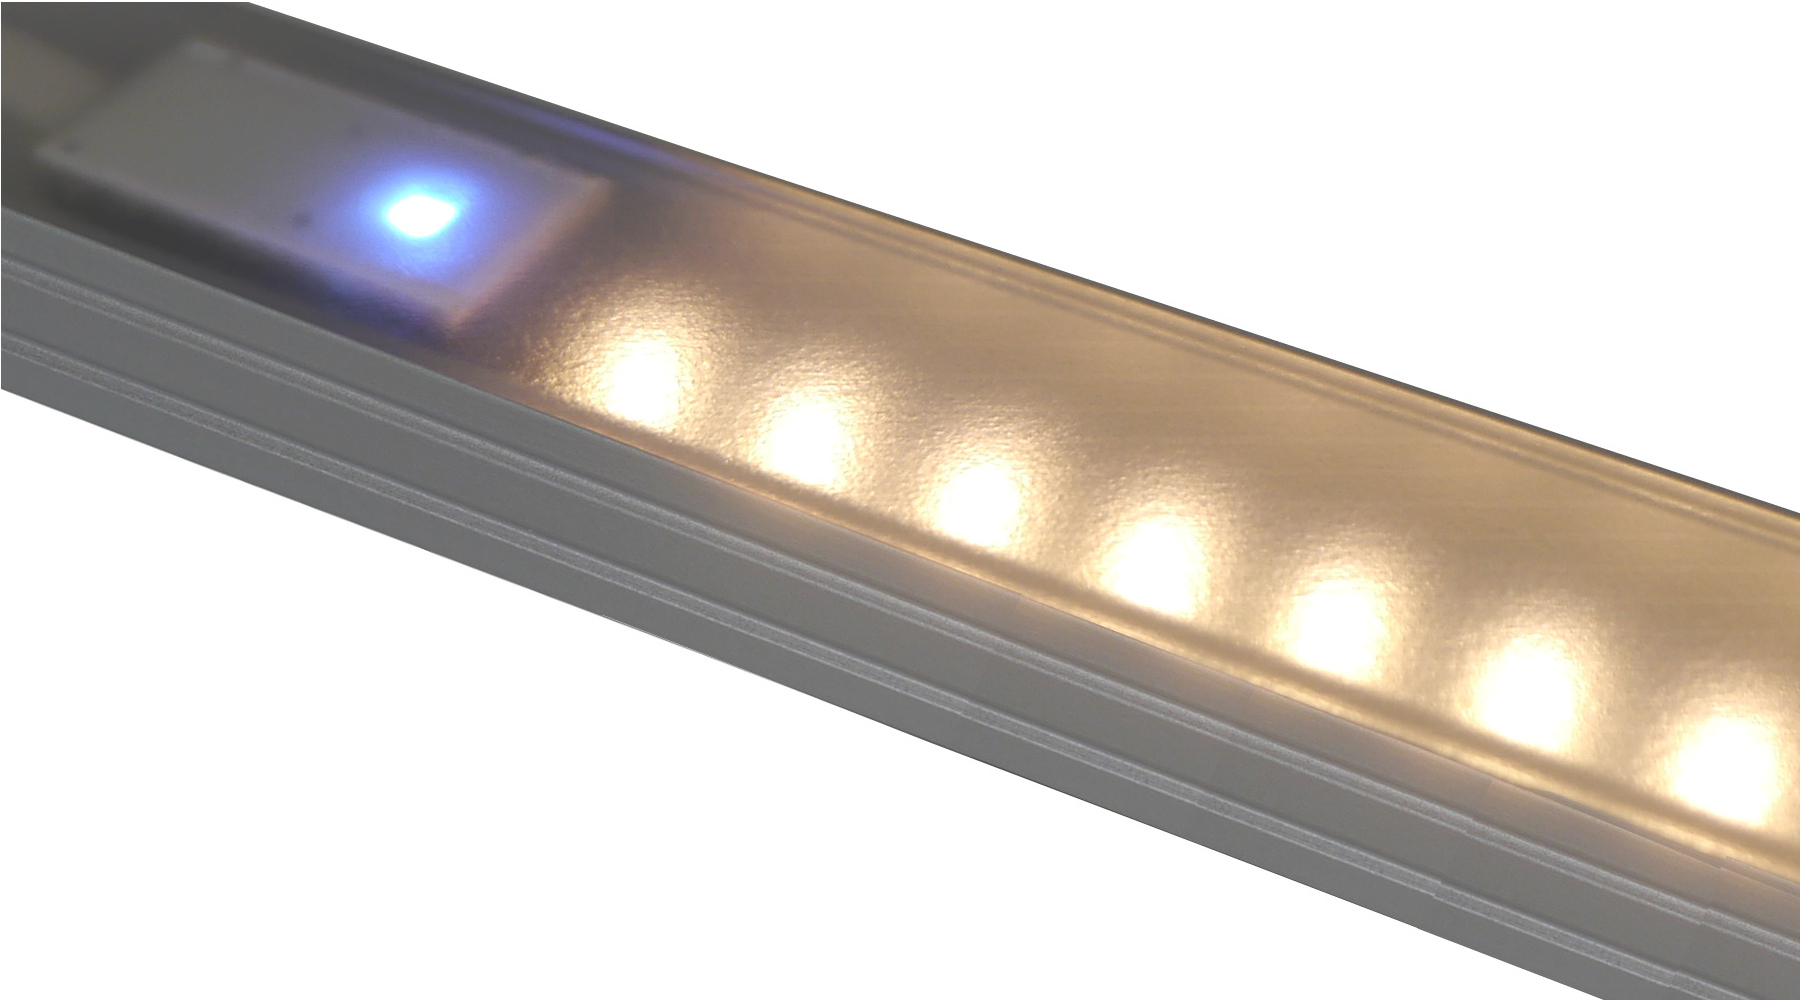 Voltolux Led Feuchtraum Lichtleiste Feuchtraumleuchten